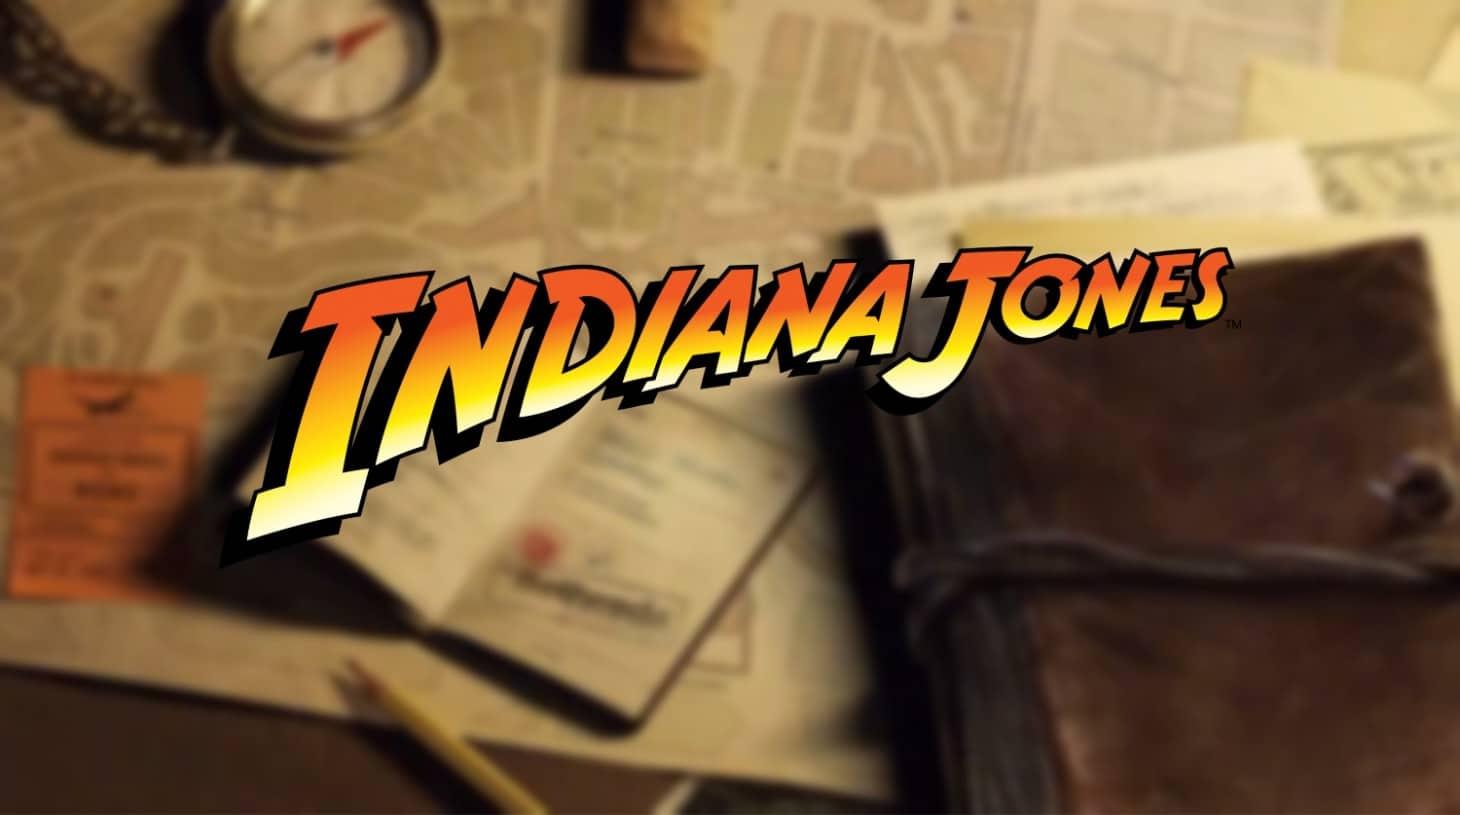 Bethesda revela un videojuego de Indiana Jones en colaboración con LucasfilmGames, GamersRd